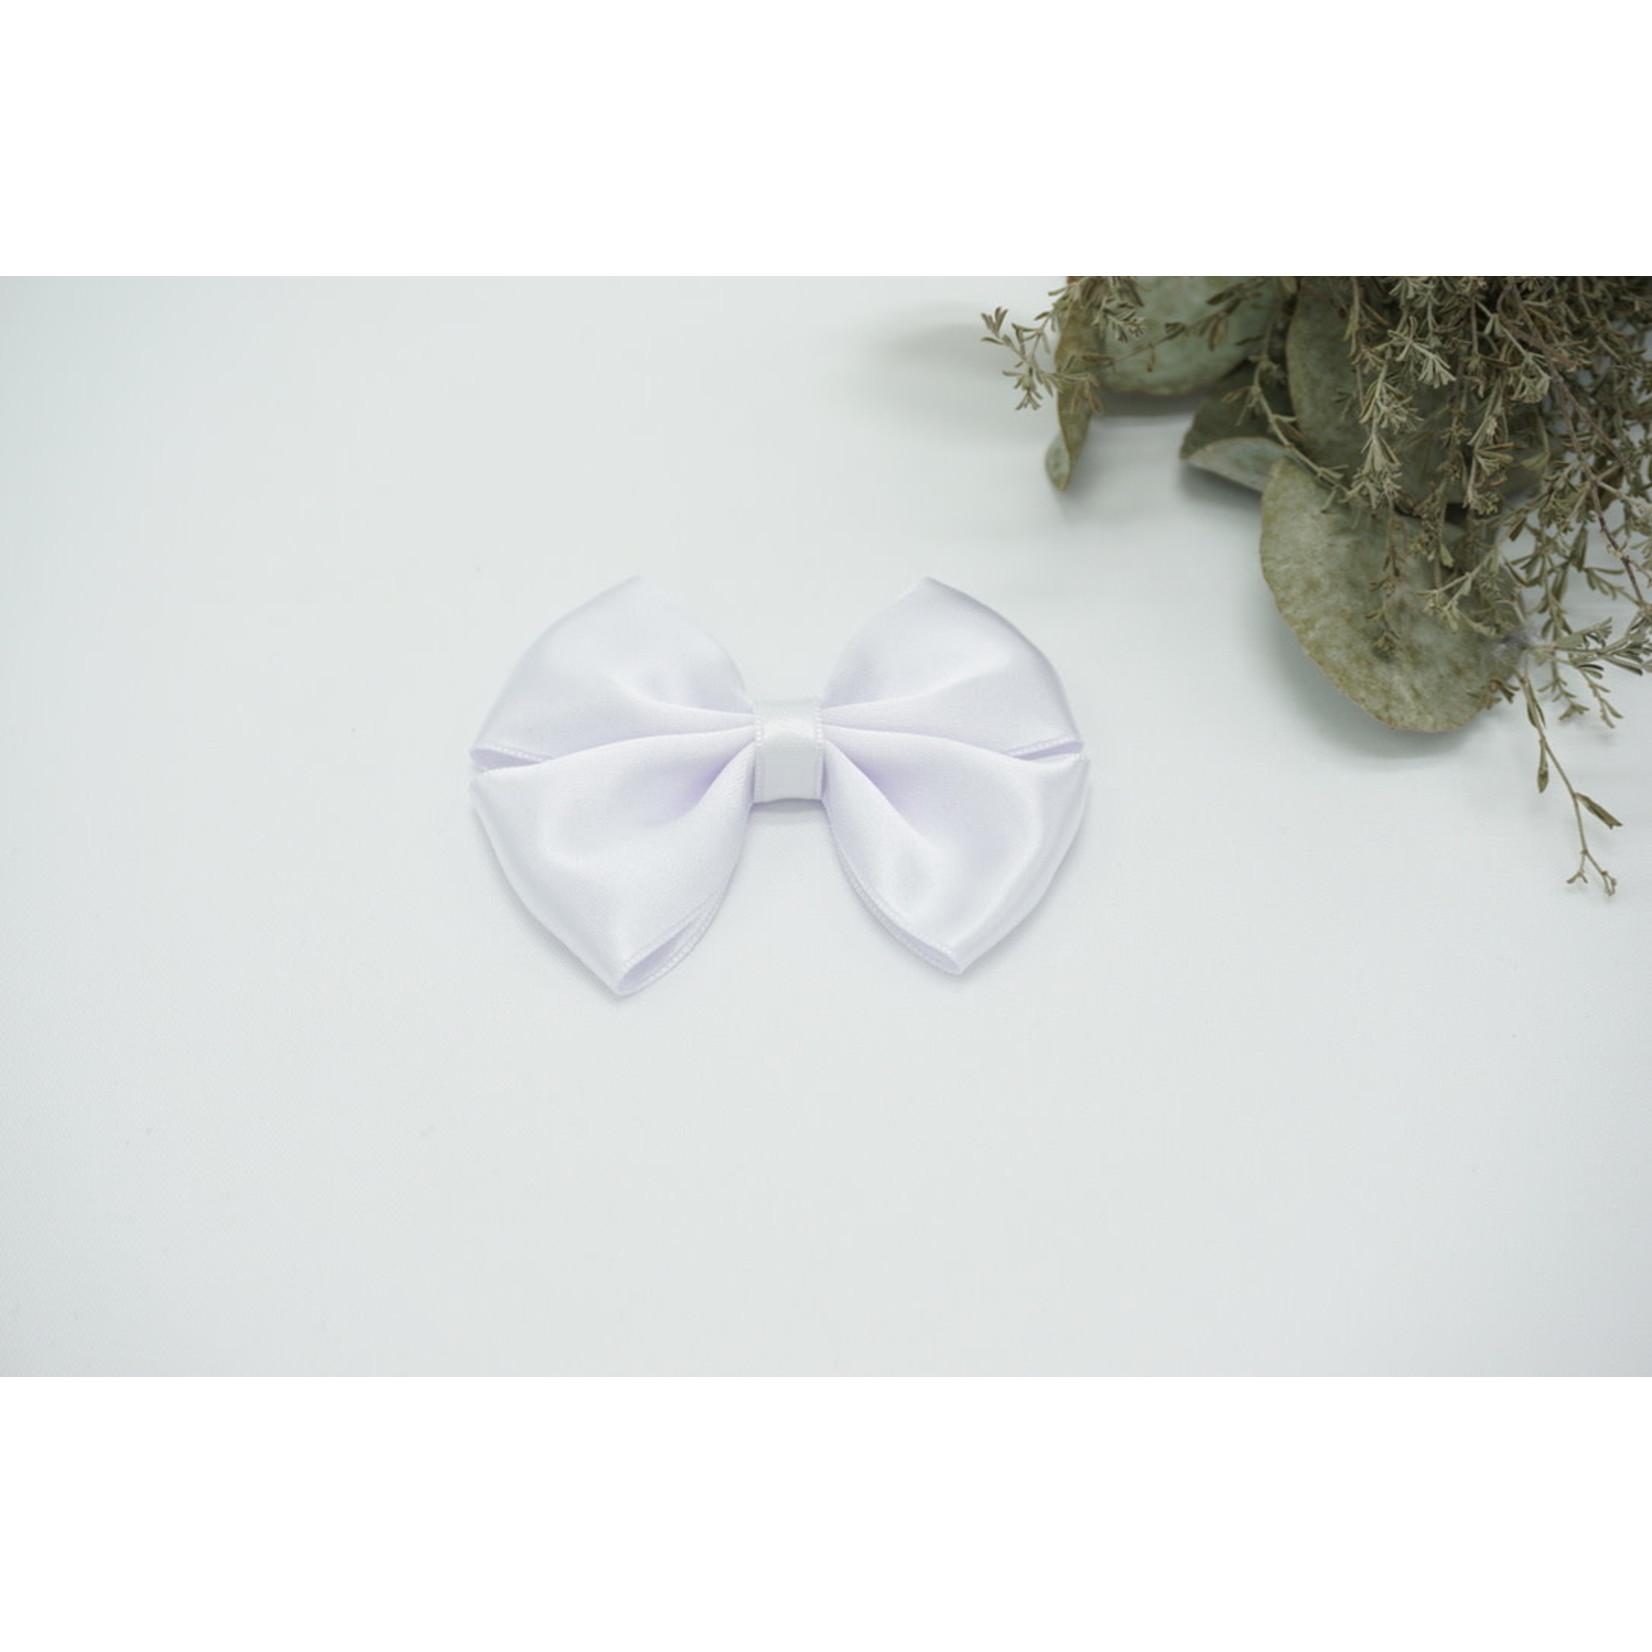 Petite Zara Satin Bow - White